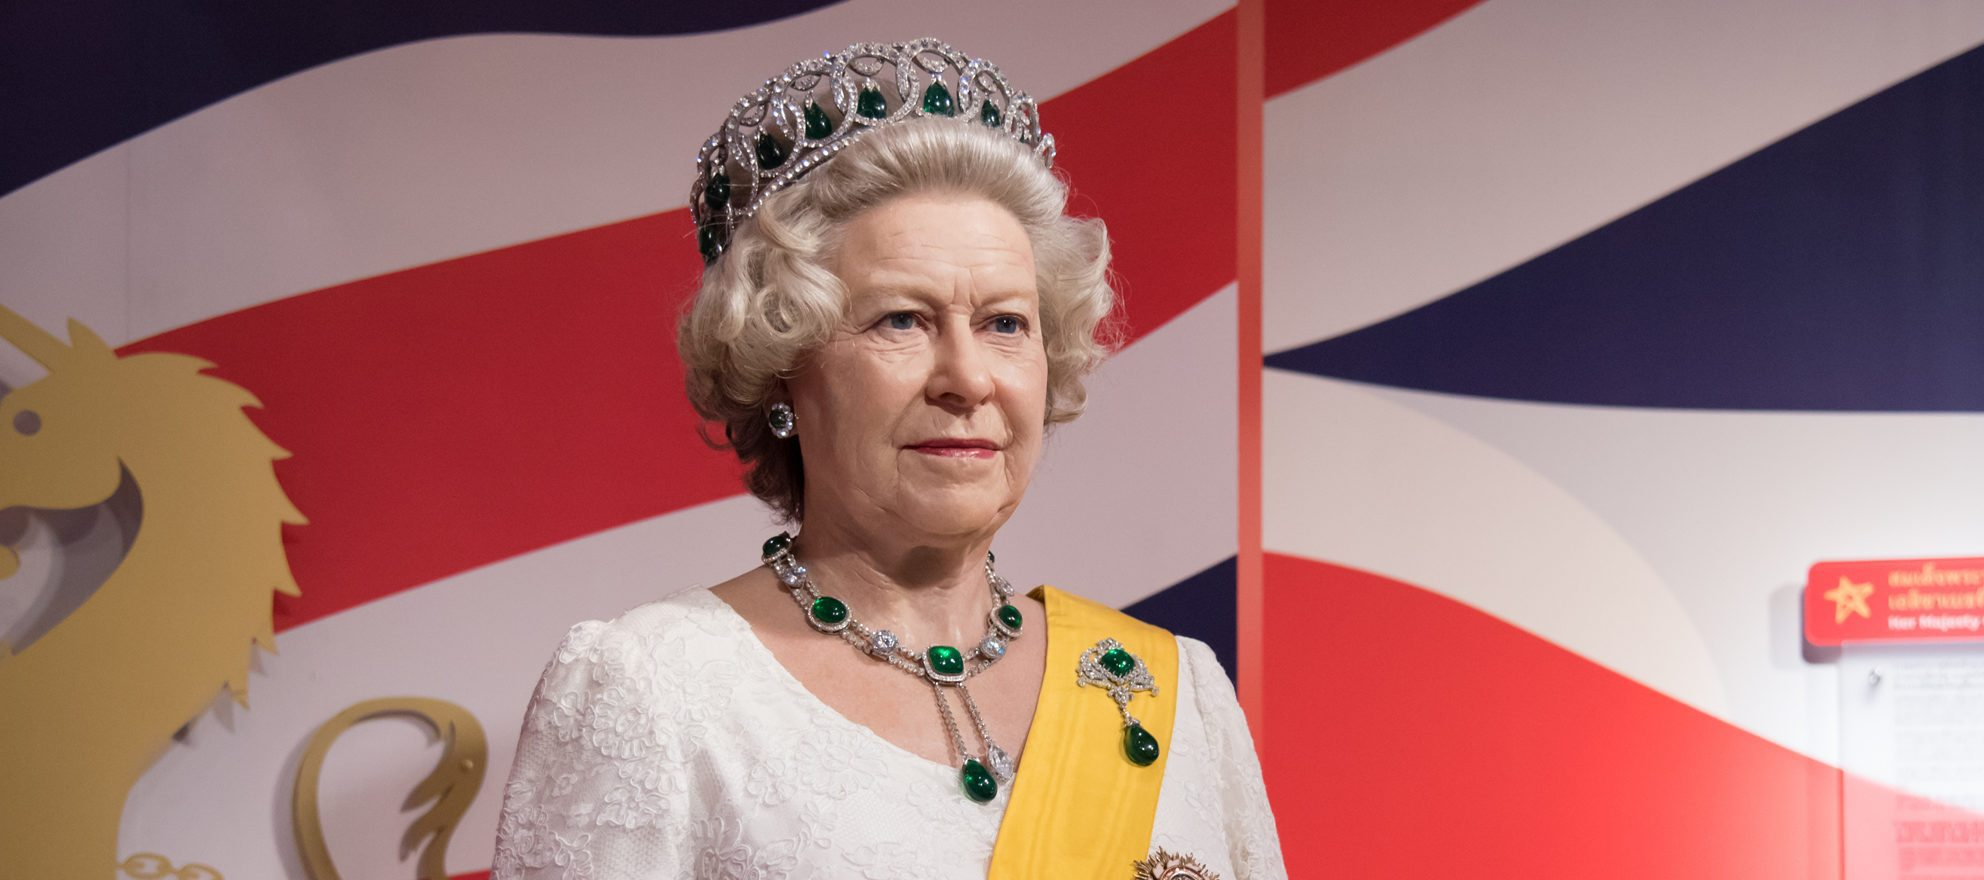 If cash is king, then cashflow is queen